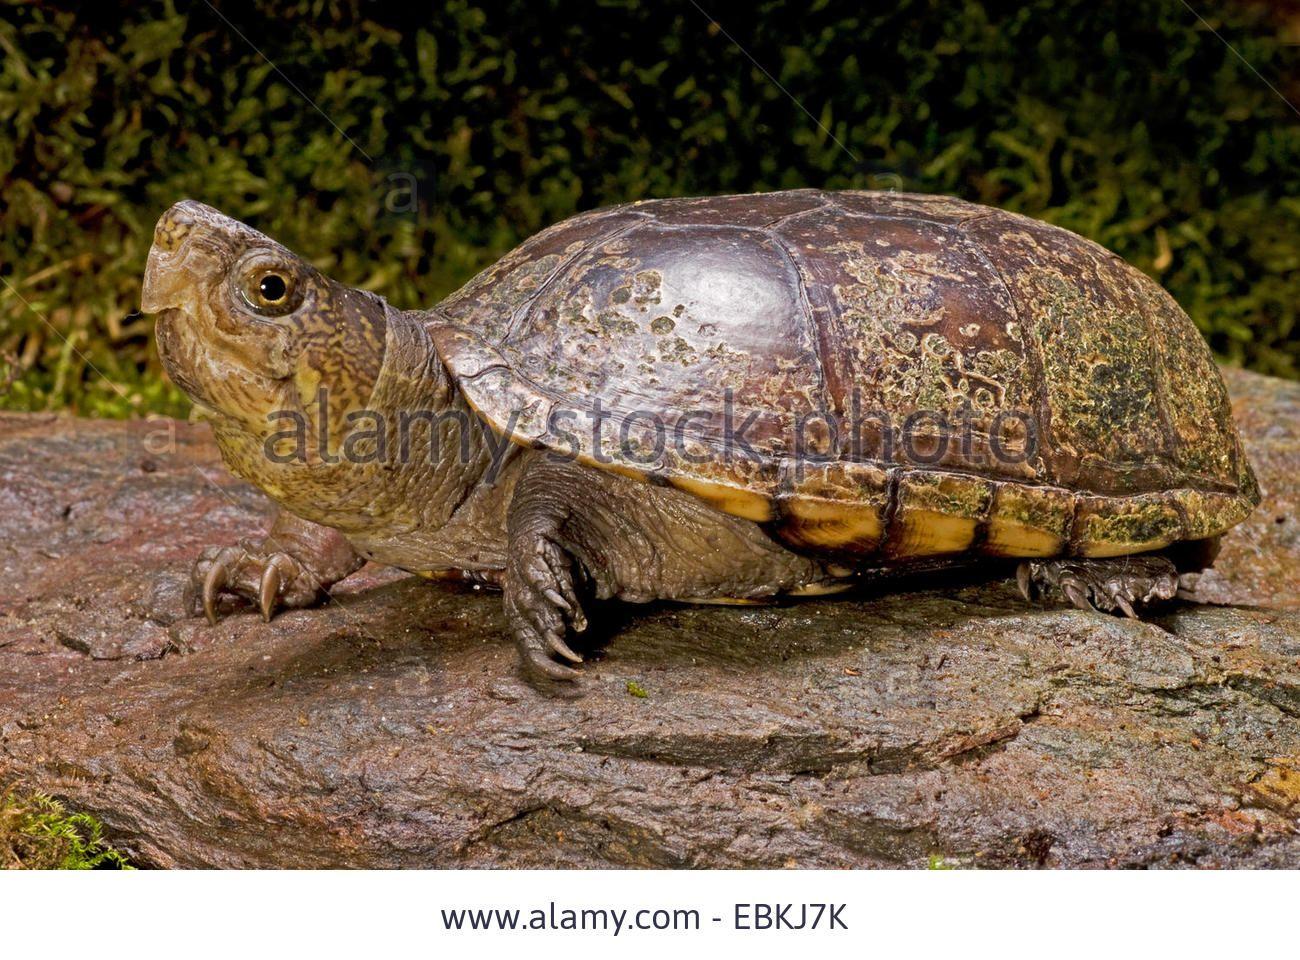 Mud Turtle Common Mud Turtle Eastern Mud Turtle Kinosternon